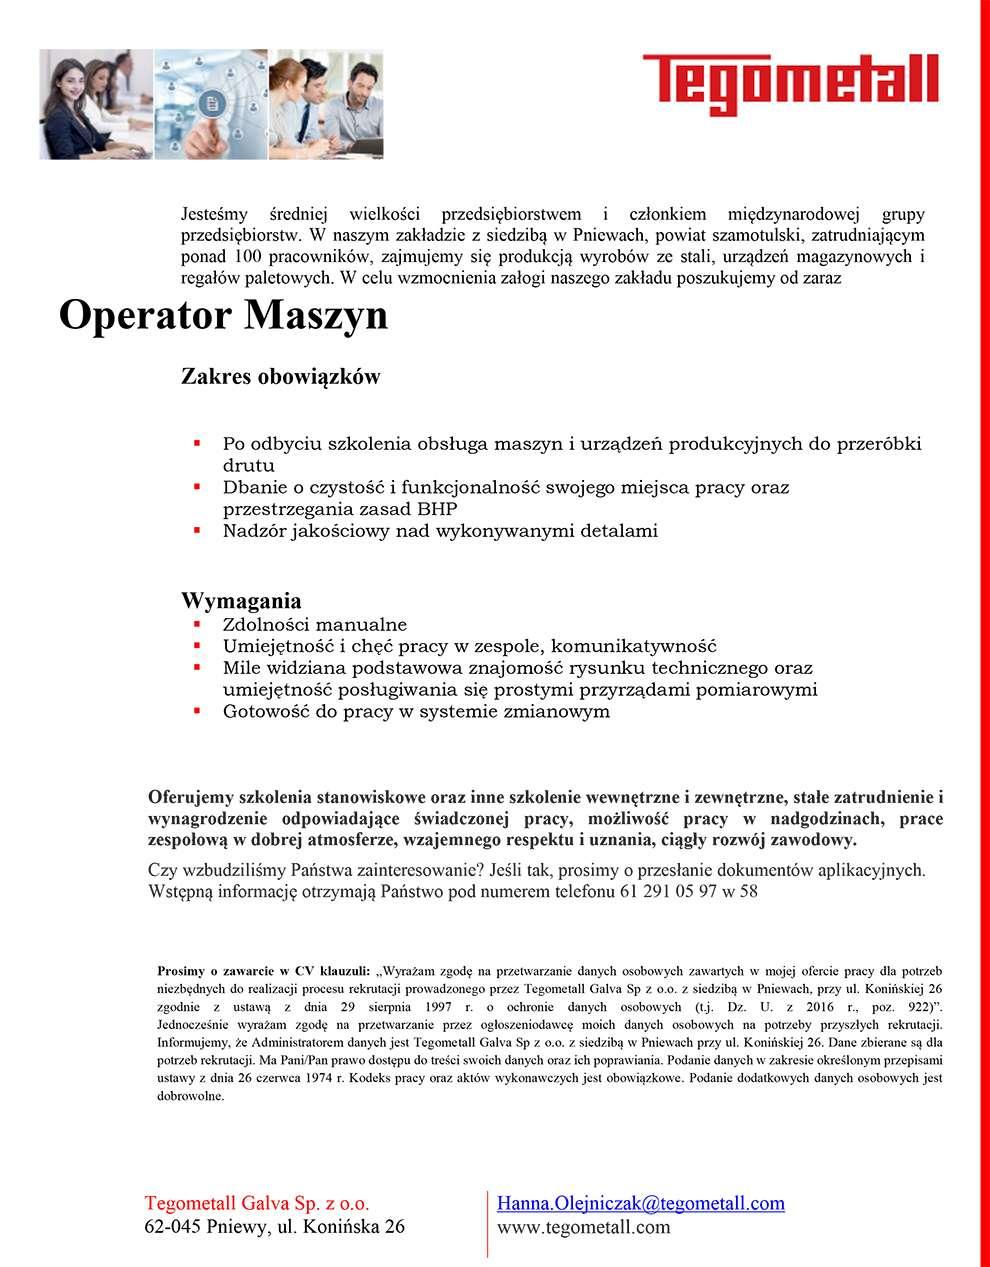 Praca dla operatora maszyn